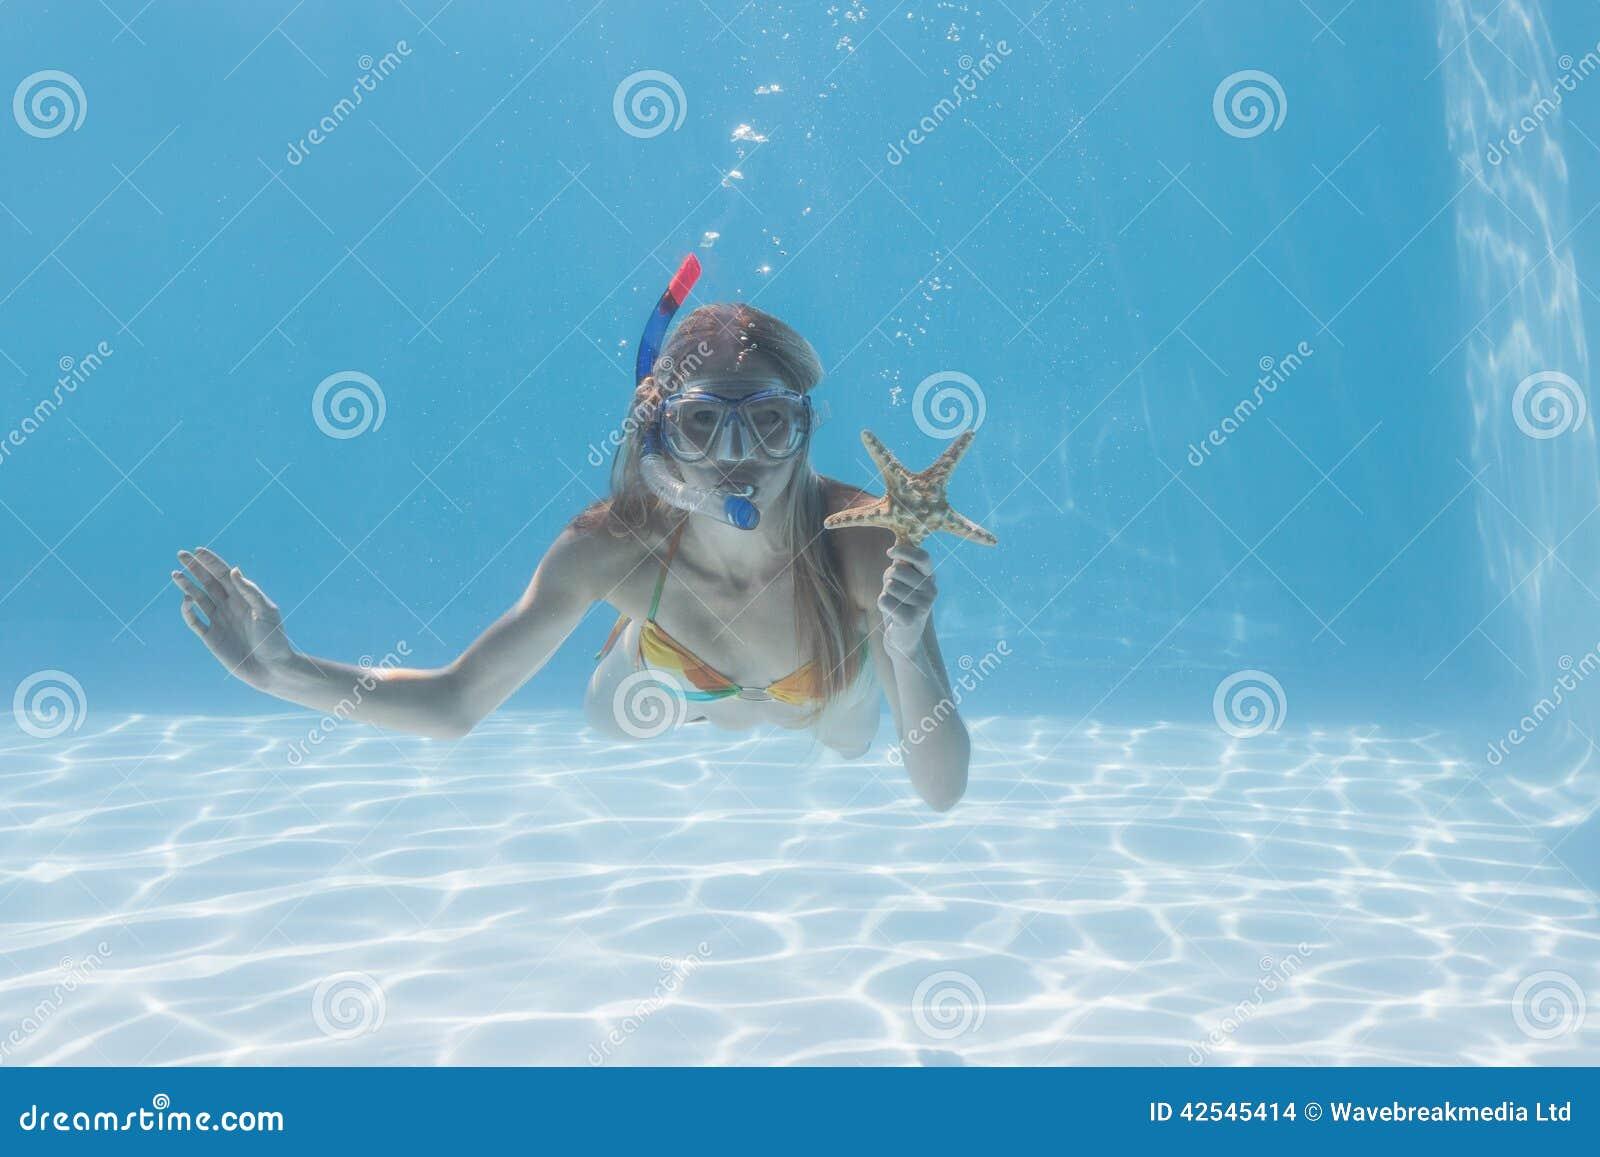 Underwater louro bonito na piscina com tubo de respiração e estrela do mar